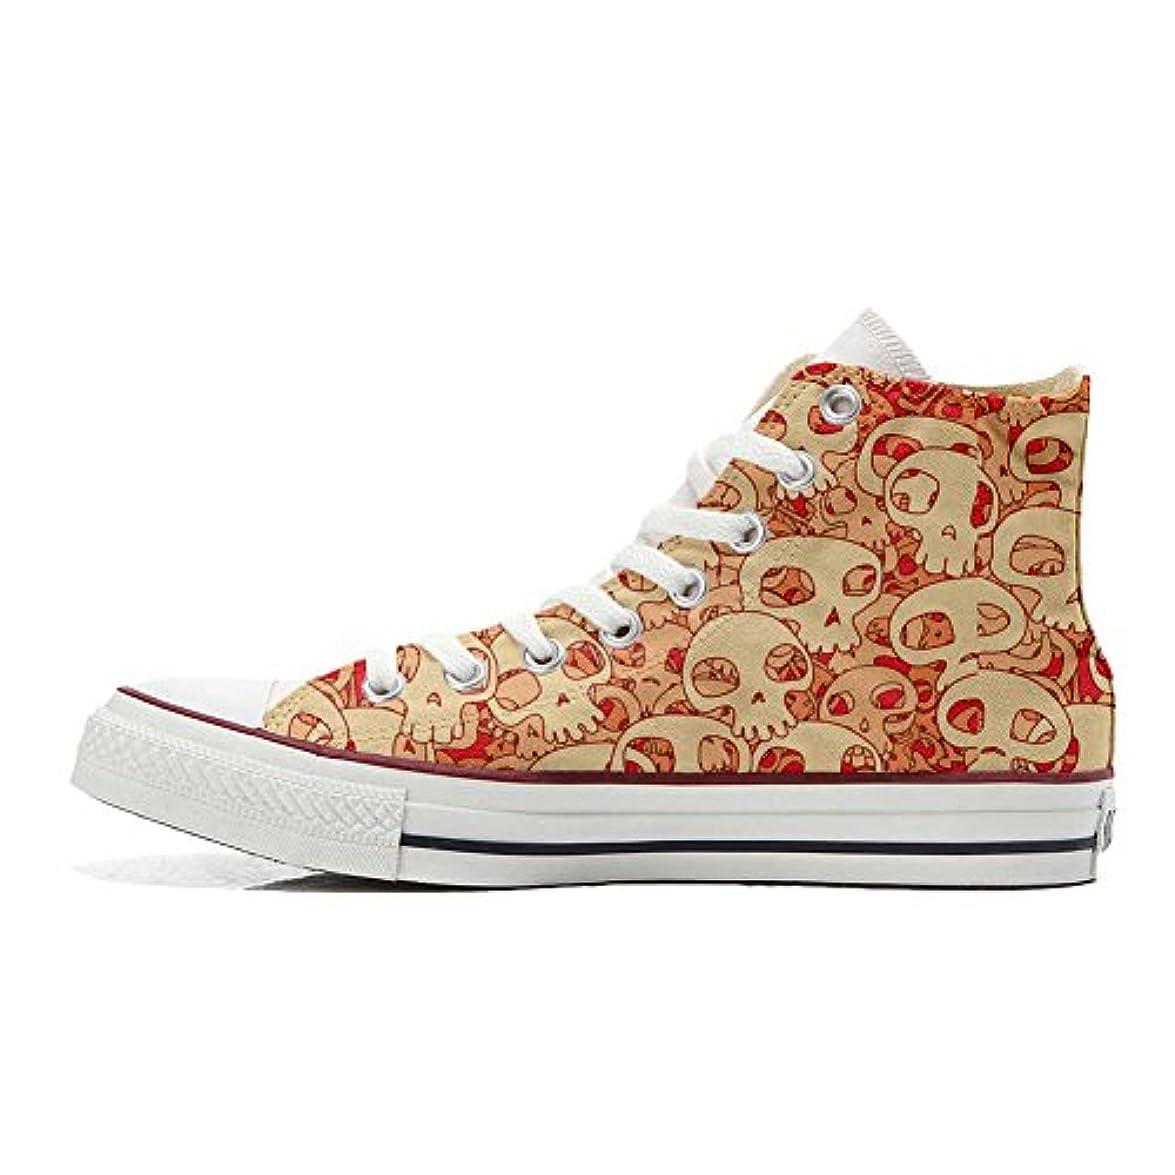 Converse Personalizzate All Star Sneaker Unisex prodotto Artigianale Orange Skull Size 41 Eu